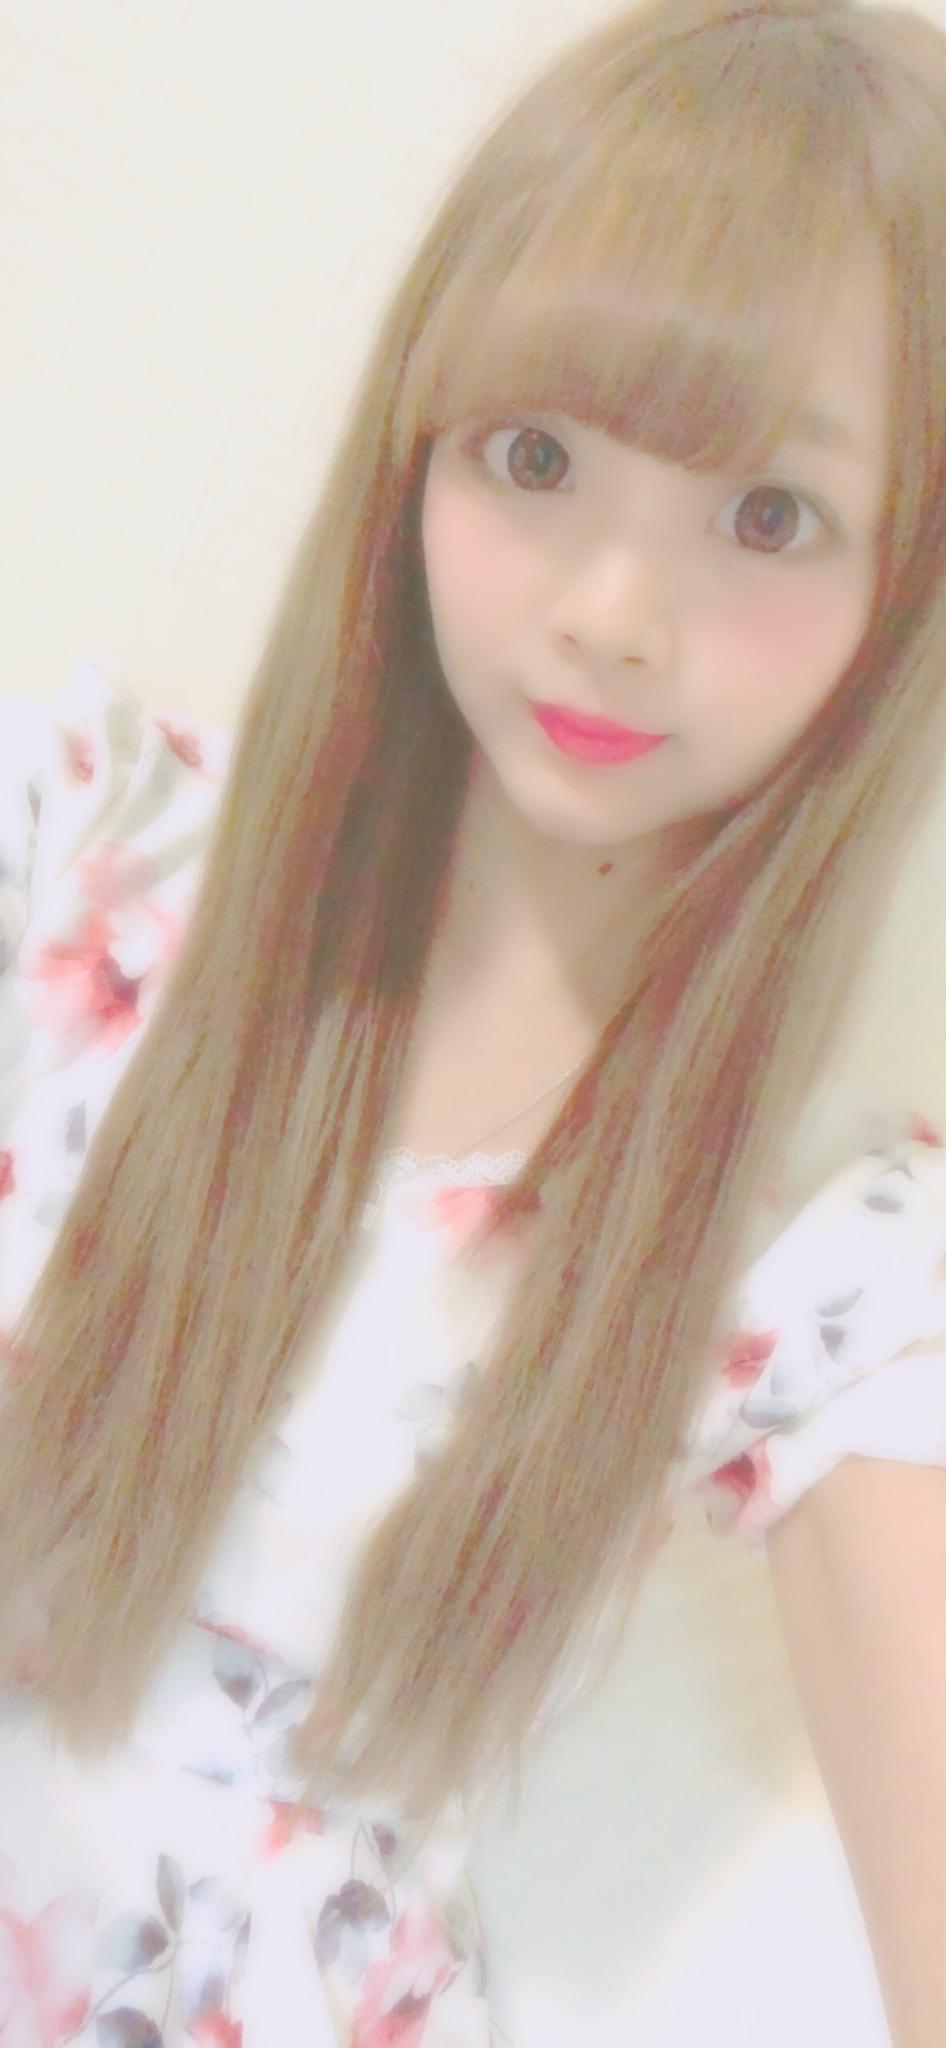 みお「Sさん♡」07/22(日) 04:58   みおの写メ・風俗動画